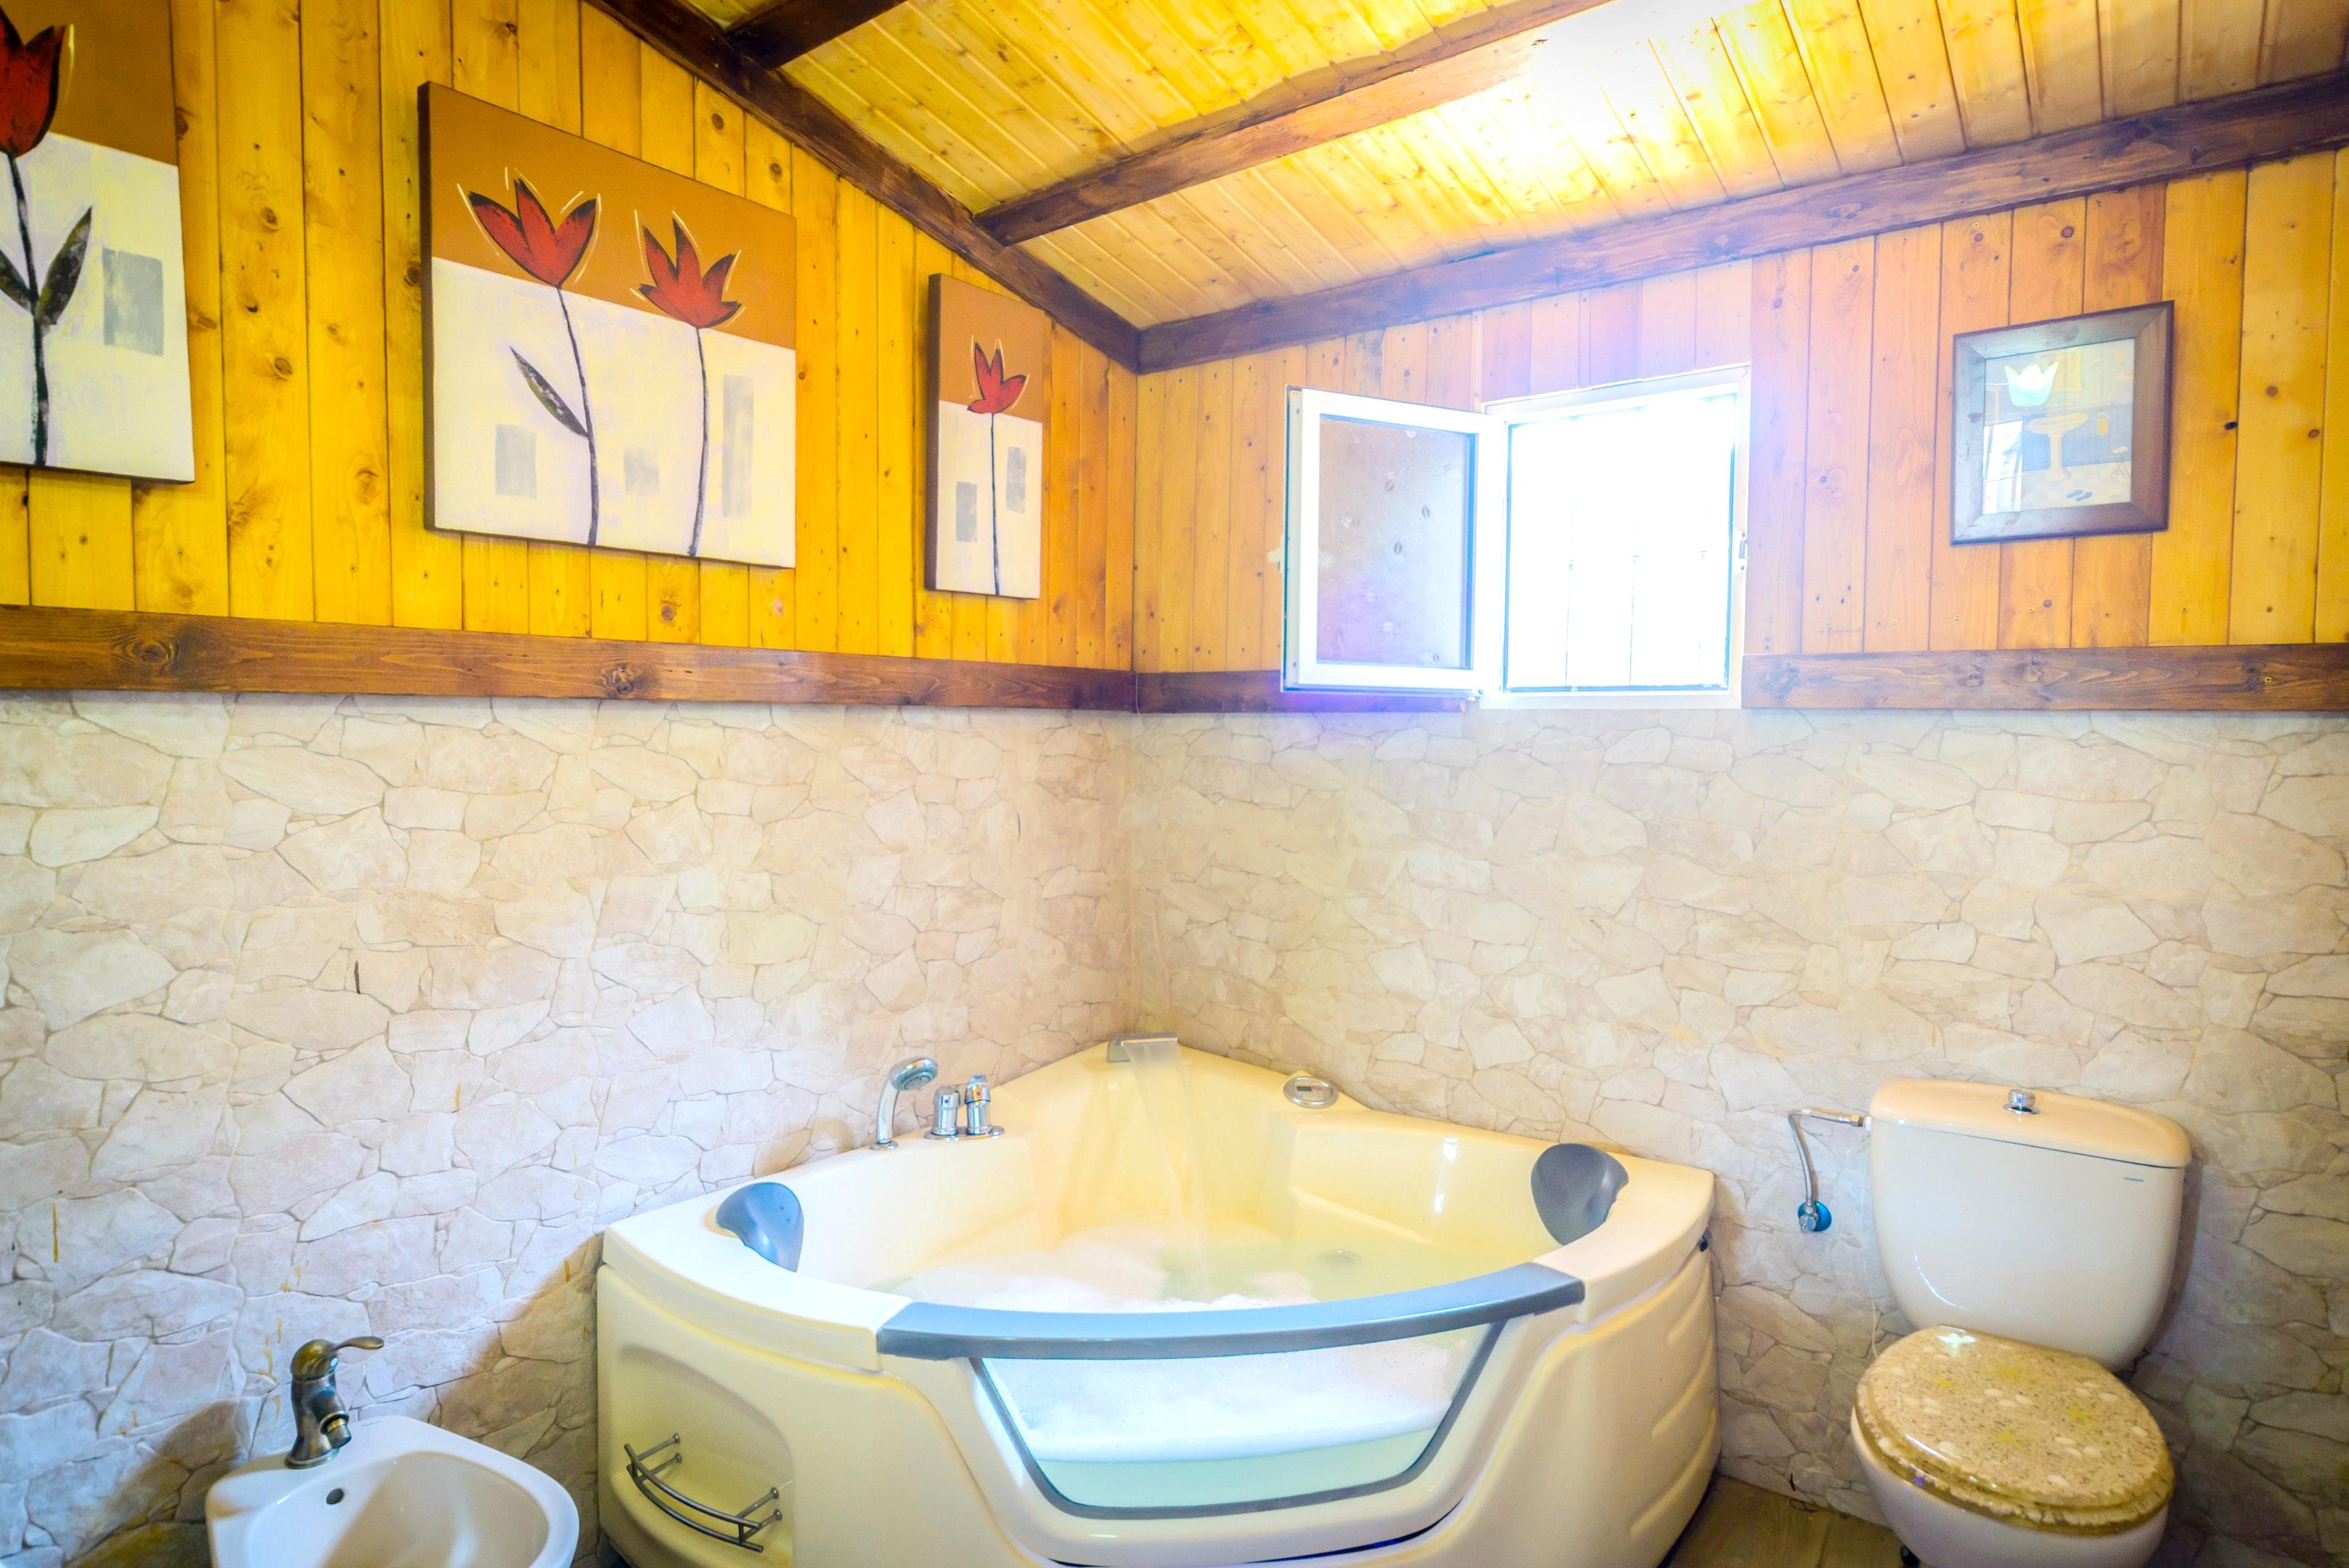 Ferienhaus Villa mit 3 Schlafzimmern in Peñaflor mit privatem Pool, eingezäuntem Garten und W-LAN (2208249), Peñaflor, Sevilla, Andalusien, Spanien, Bild 18